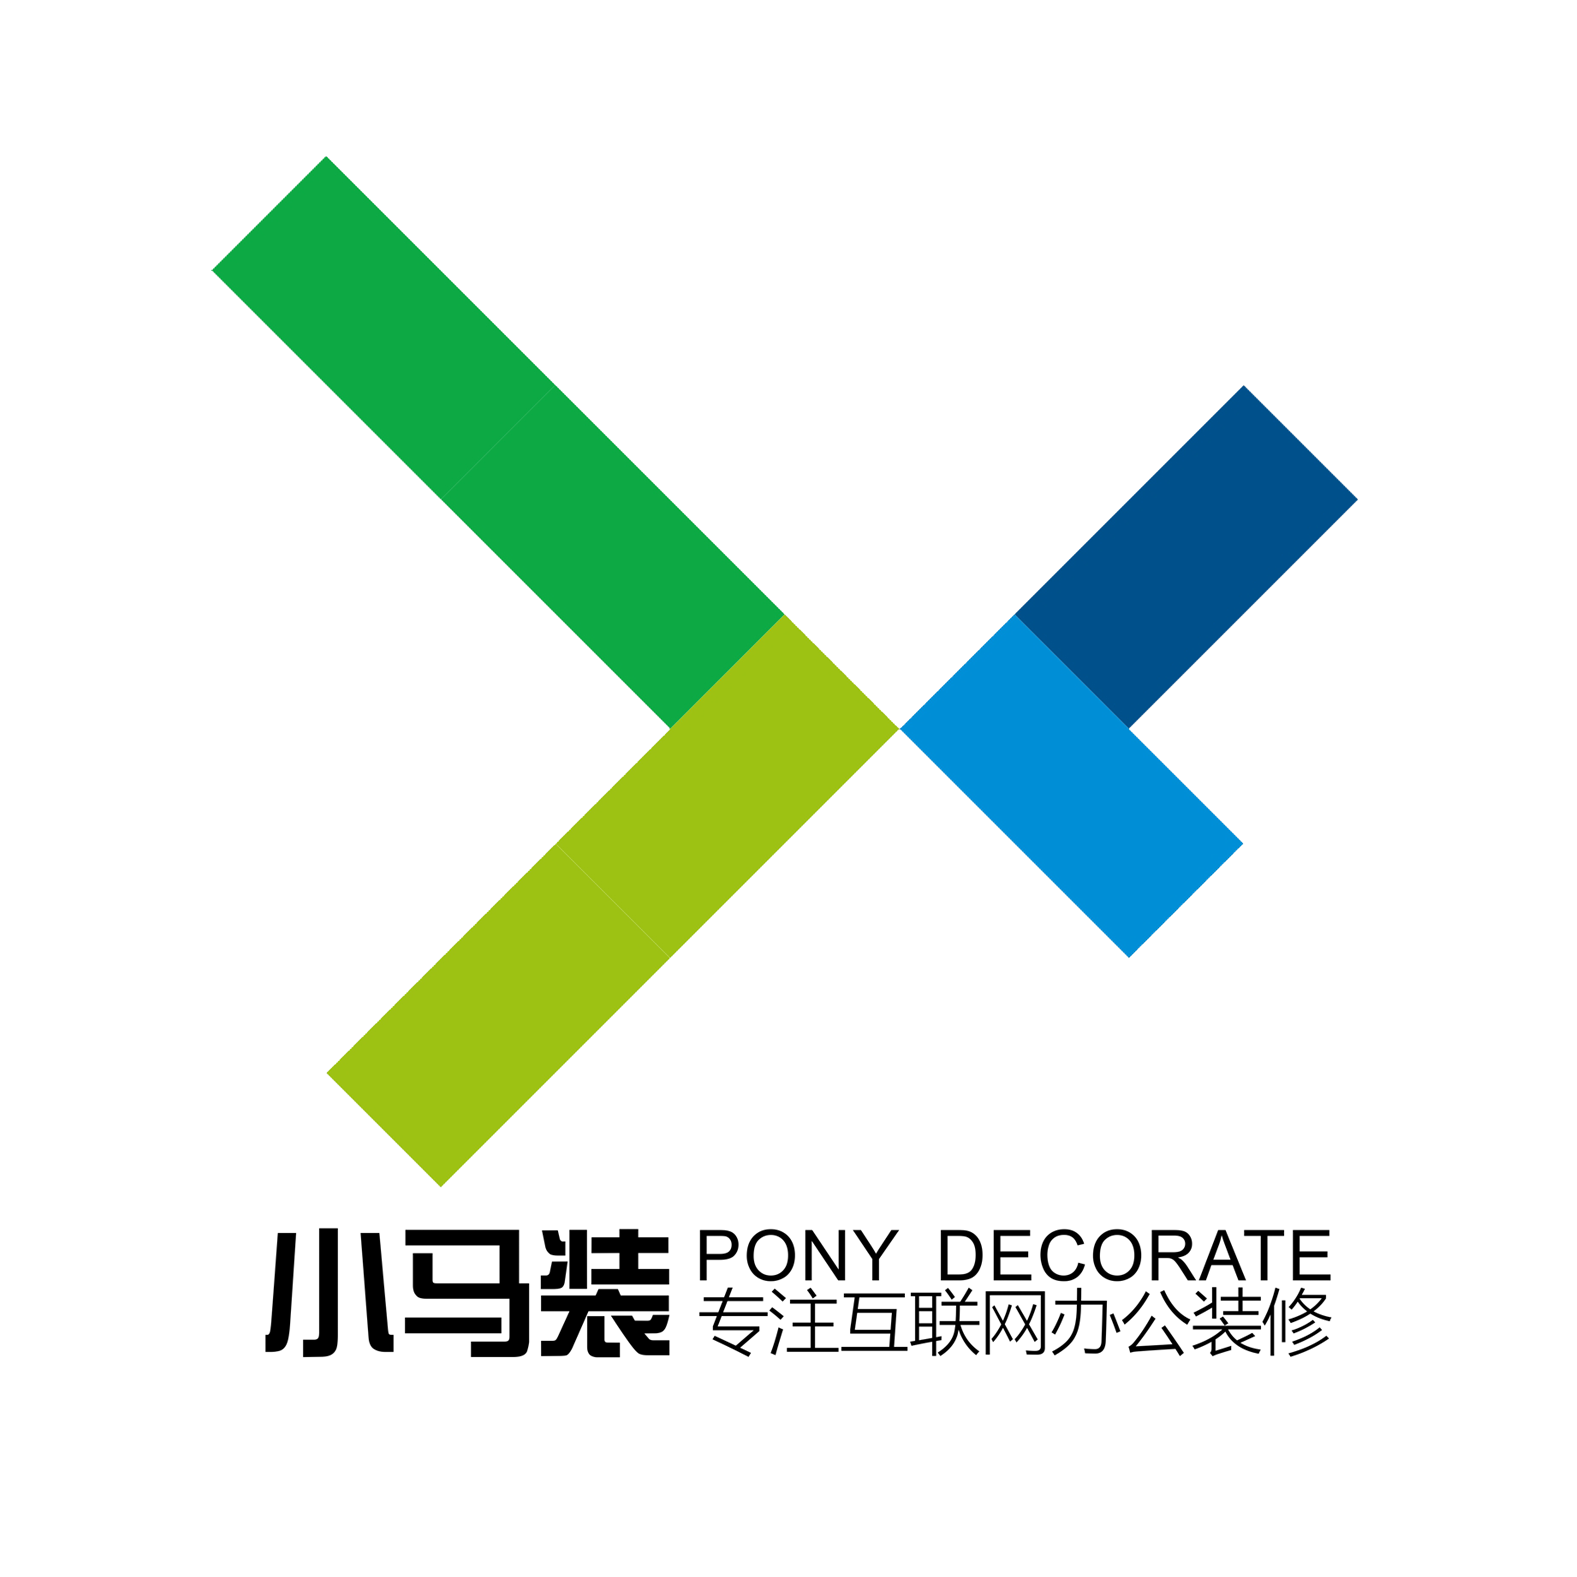 上海小马装装饰工程有限公司